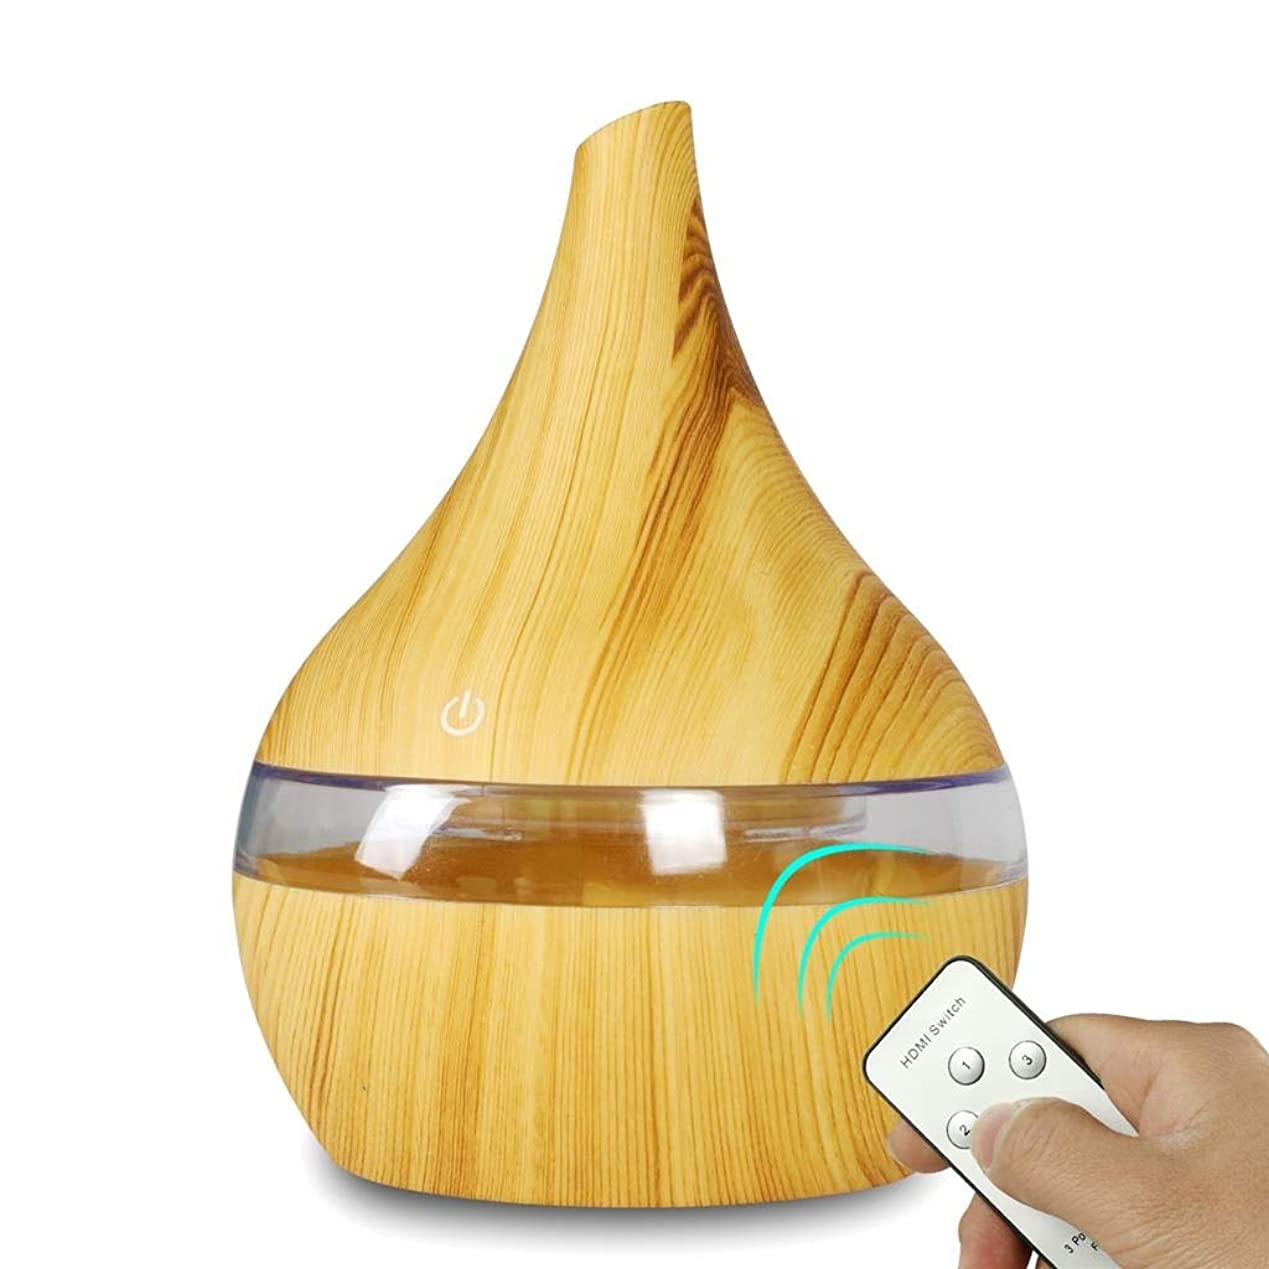 従順合わせて効率的に超音波式 アロマ加湿器 搭载防空烧功能 ミスト アロマ フレグランス 癒し リラックス 調光 LED 寝室 (Color : Light wood)